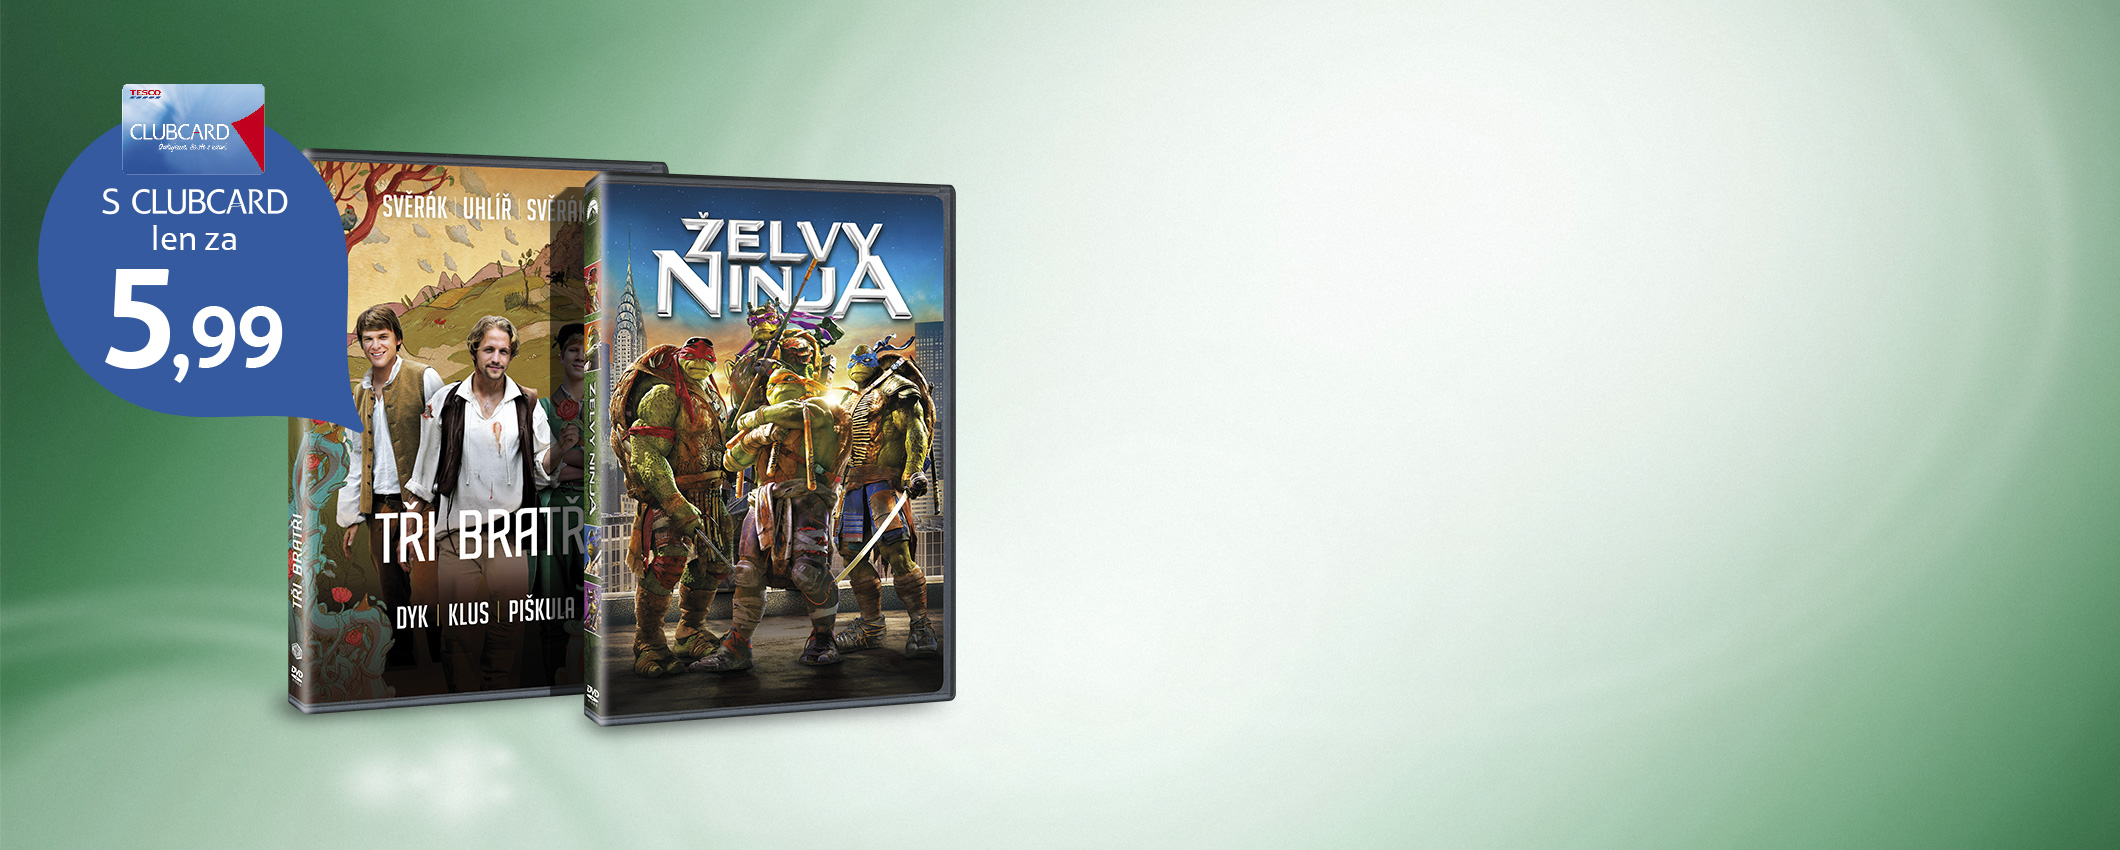 Aktuálne DVD novinky